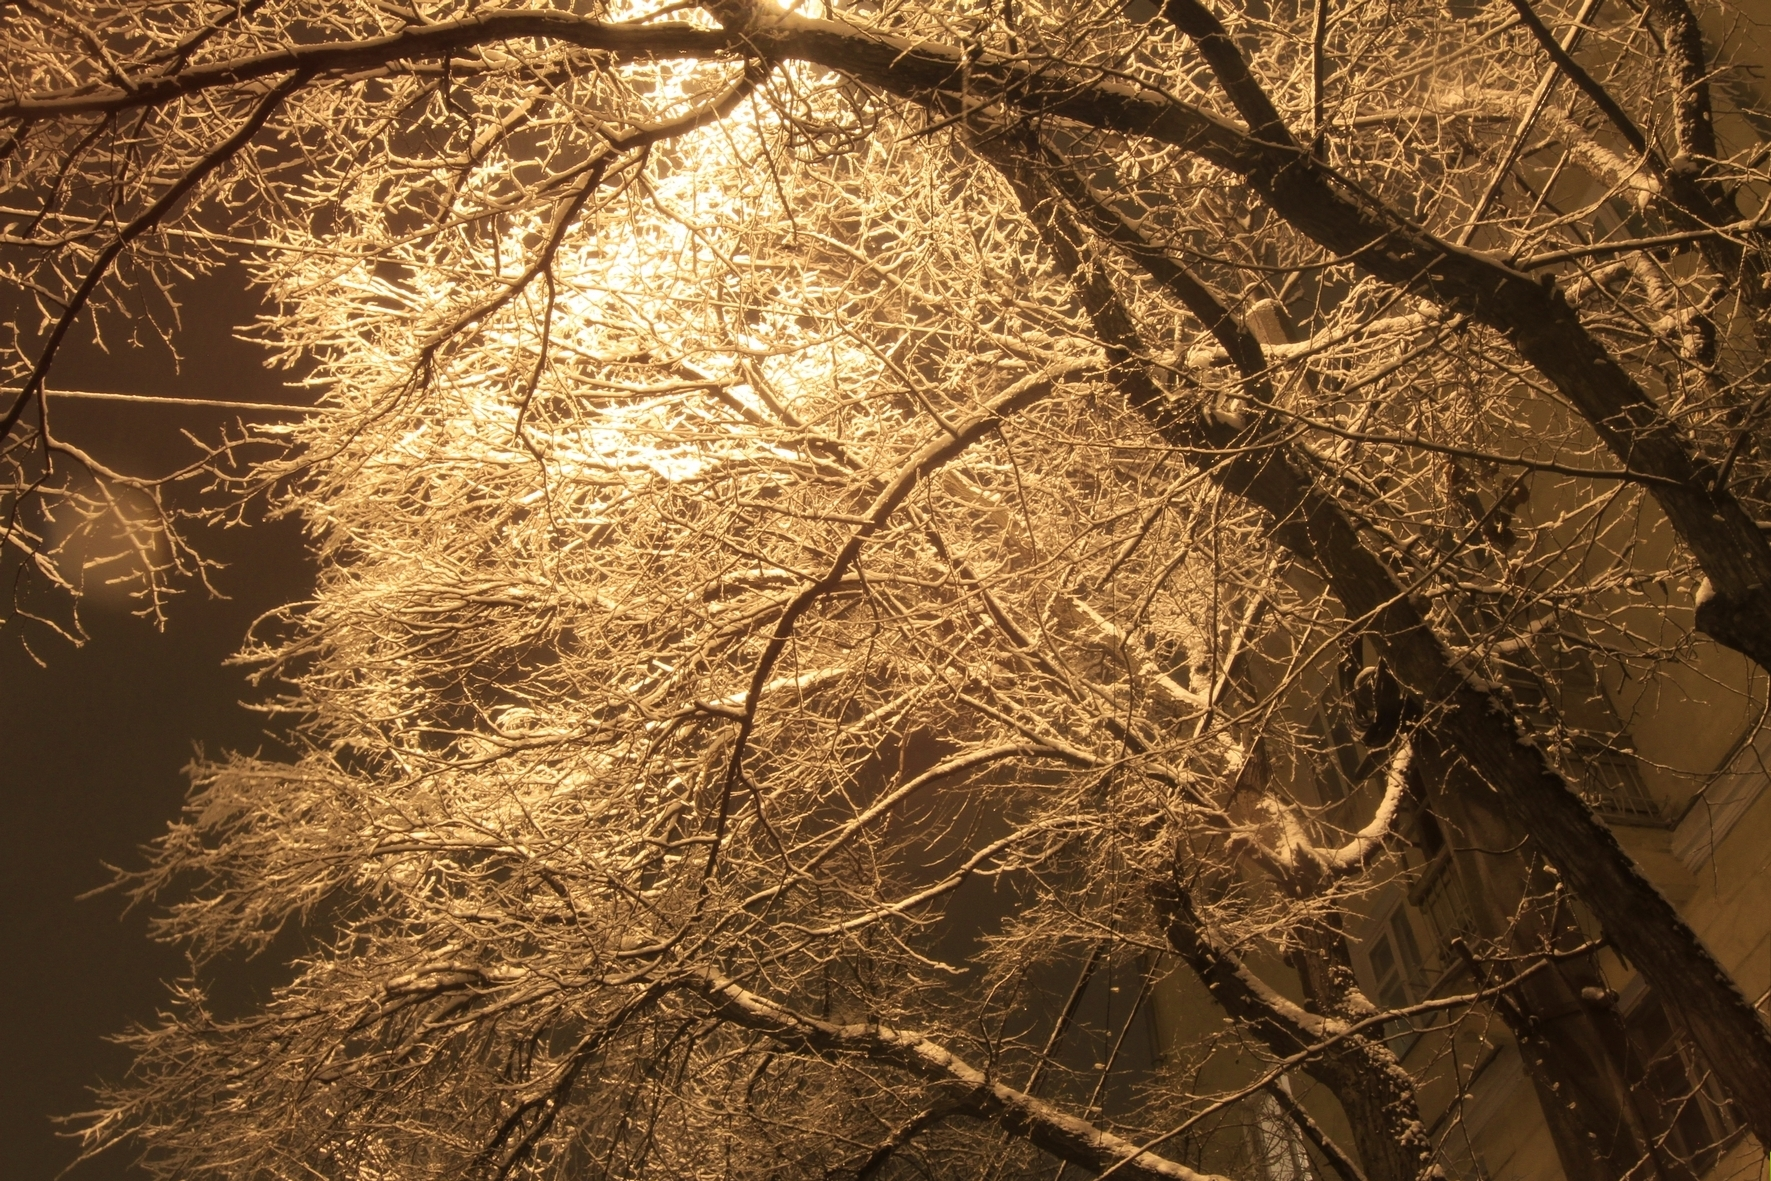 Сидим дома в пледиках: в выходные в Екатеринбурге будет морозно